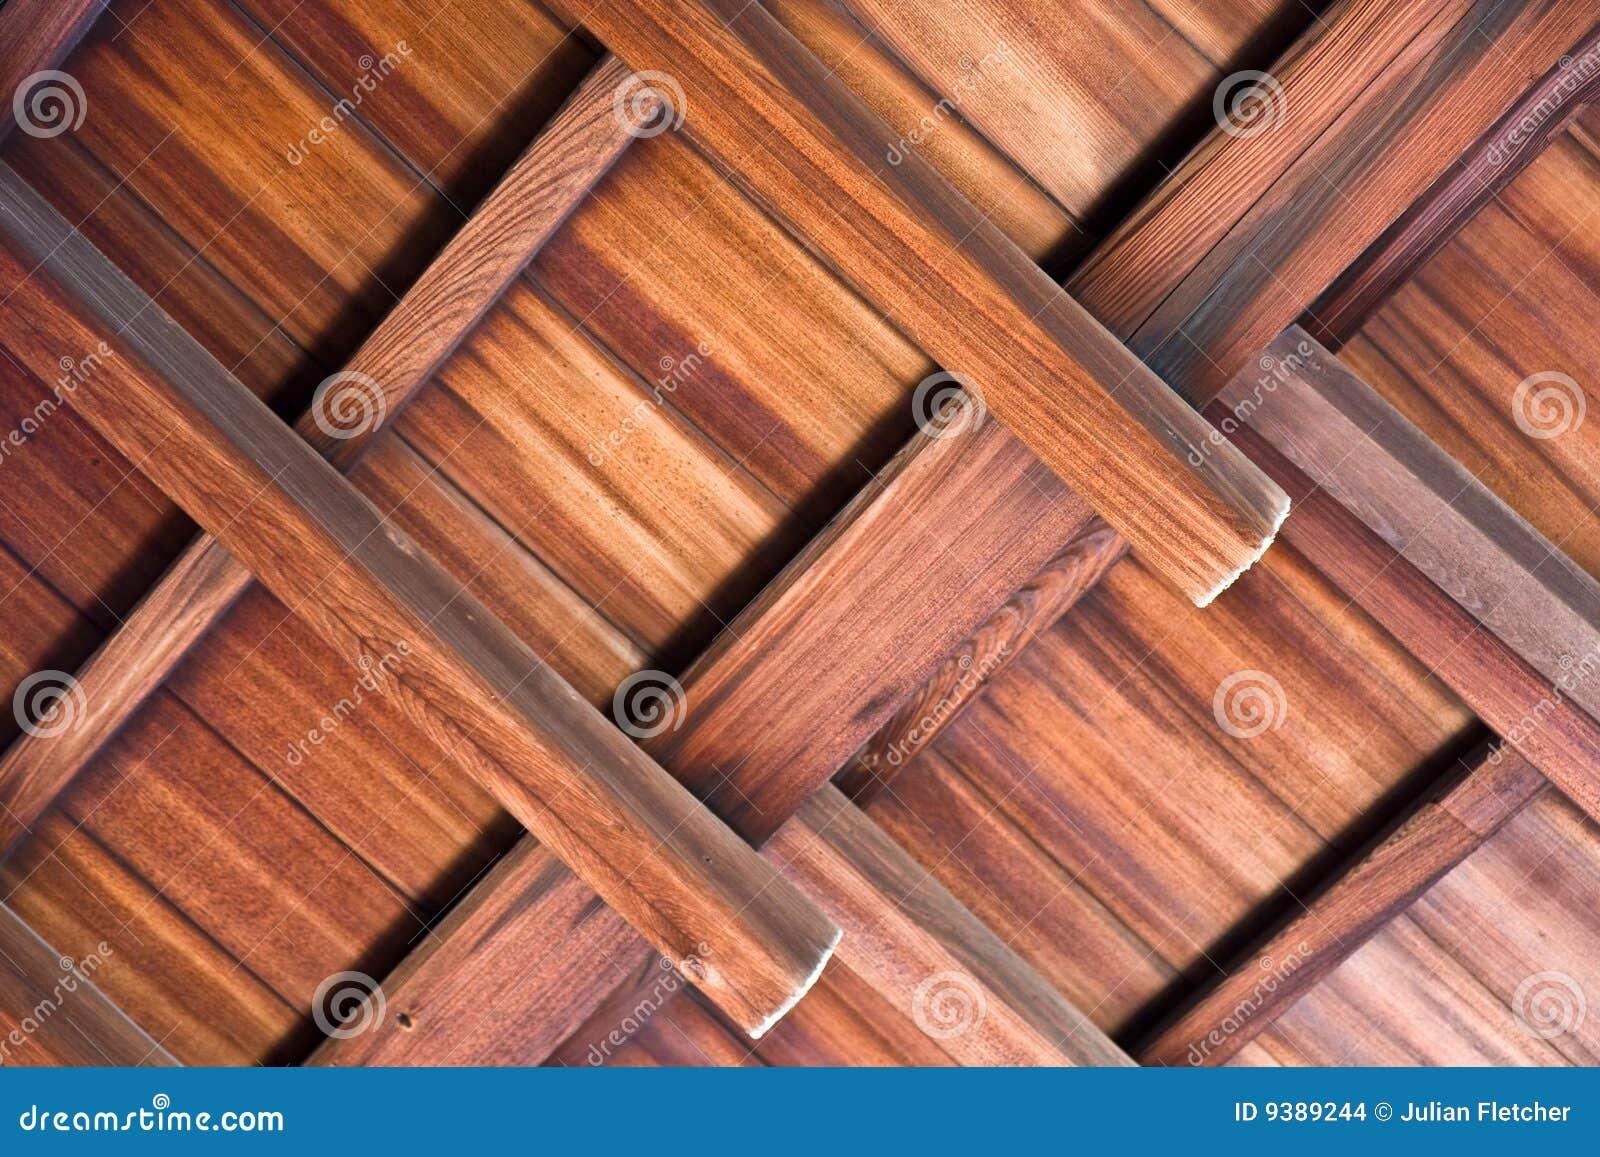 Vigas de un techo de madera foto de archivo imagen 9389244 - Vigas madera techo ...